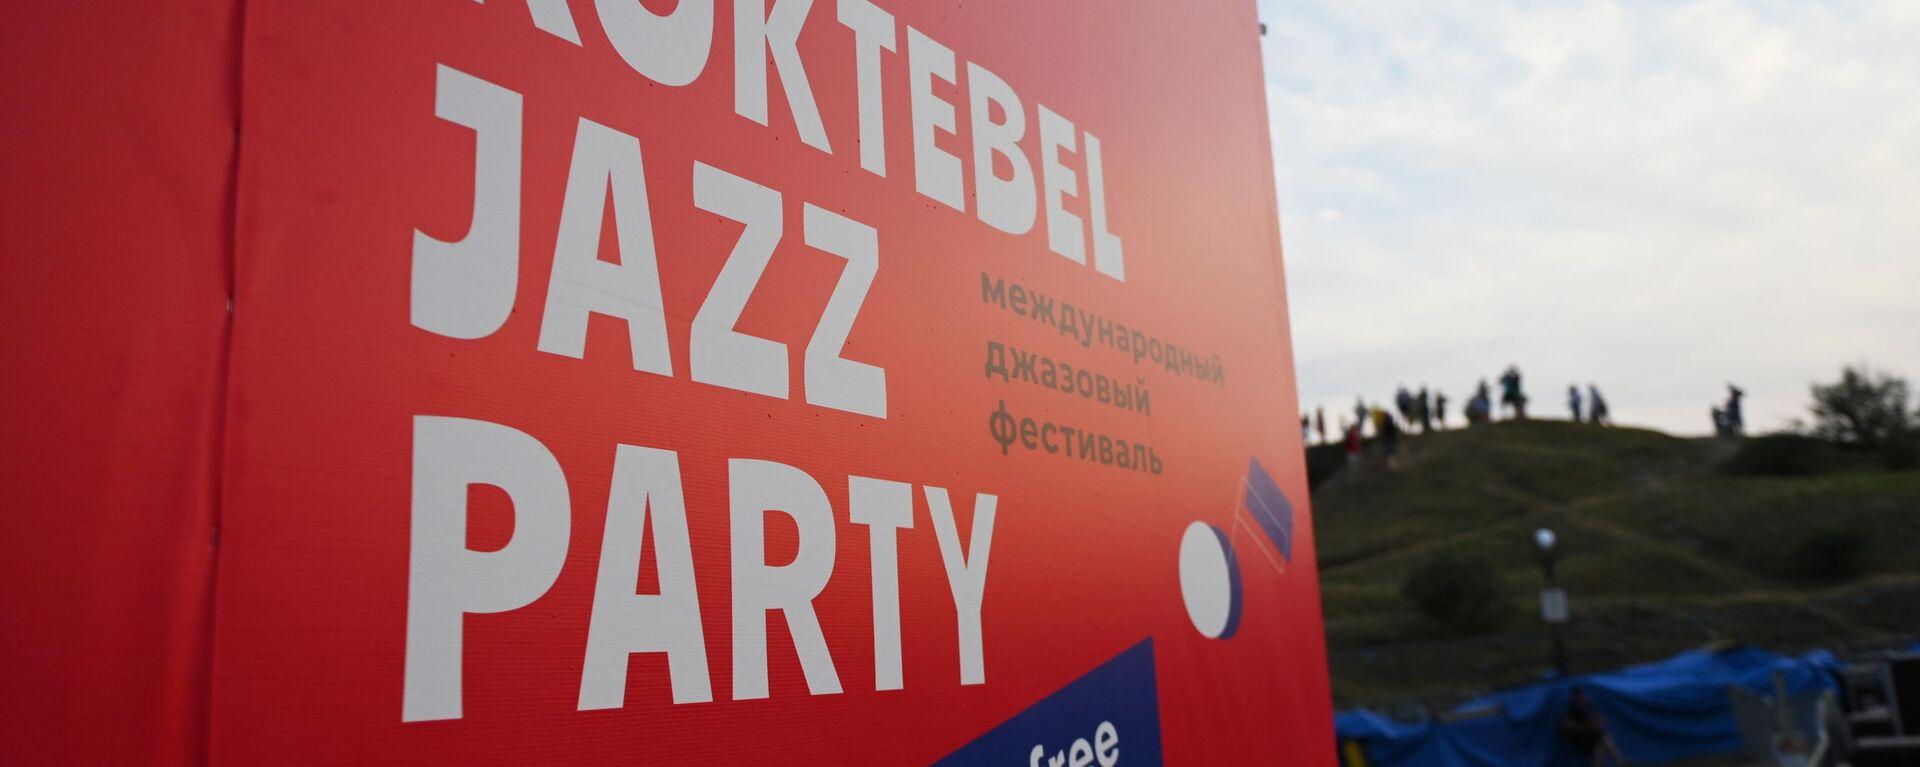 Банер с символикой фестиваля Koktebel Jazz Party 2021 - Sputnik Латвия, 1920, 20.08.2021